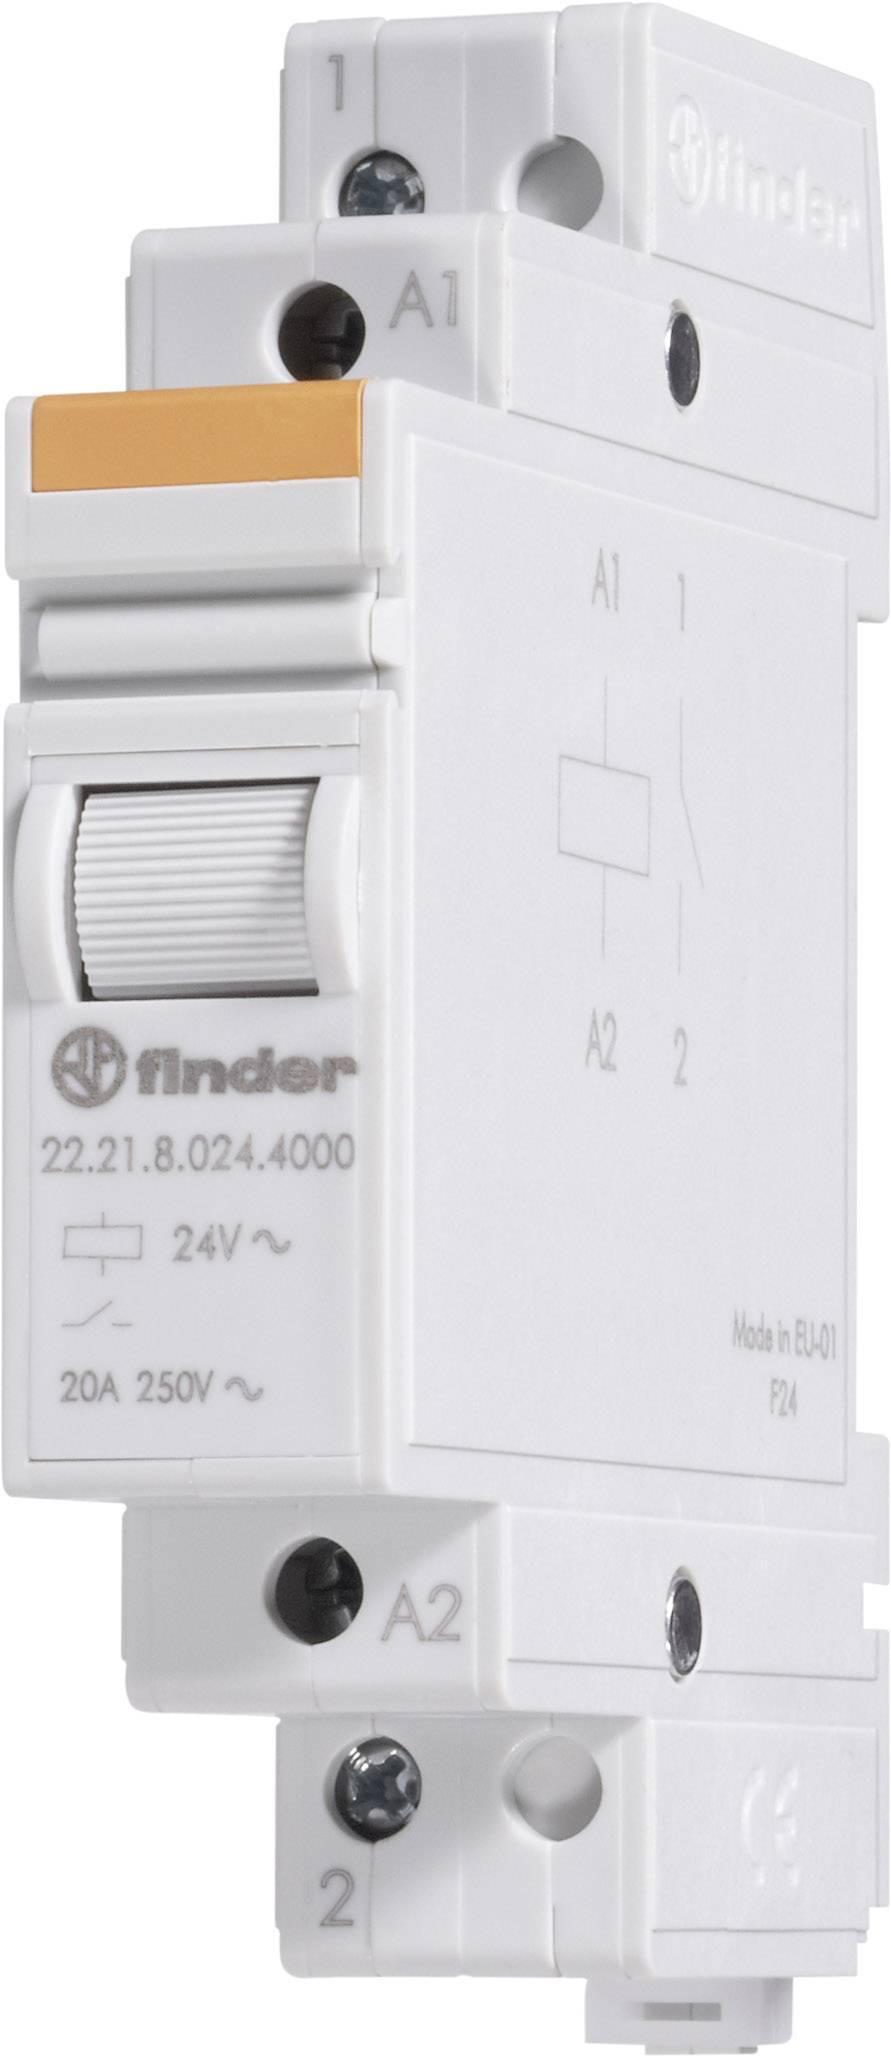 Instalační relé Finder 22.21.9.024.4000, 1 spínací kontakt